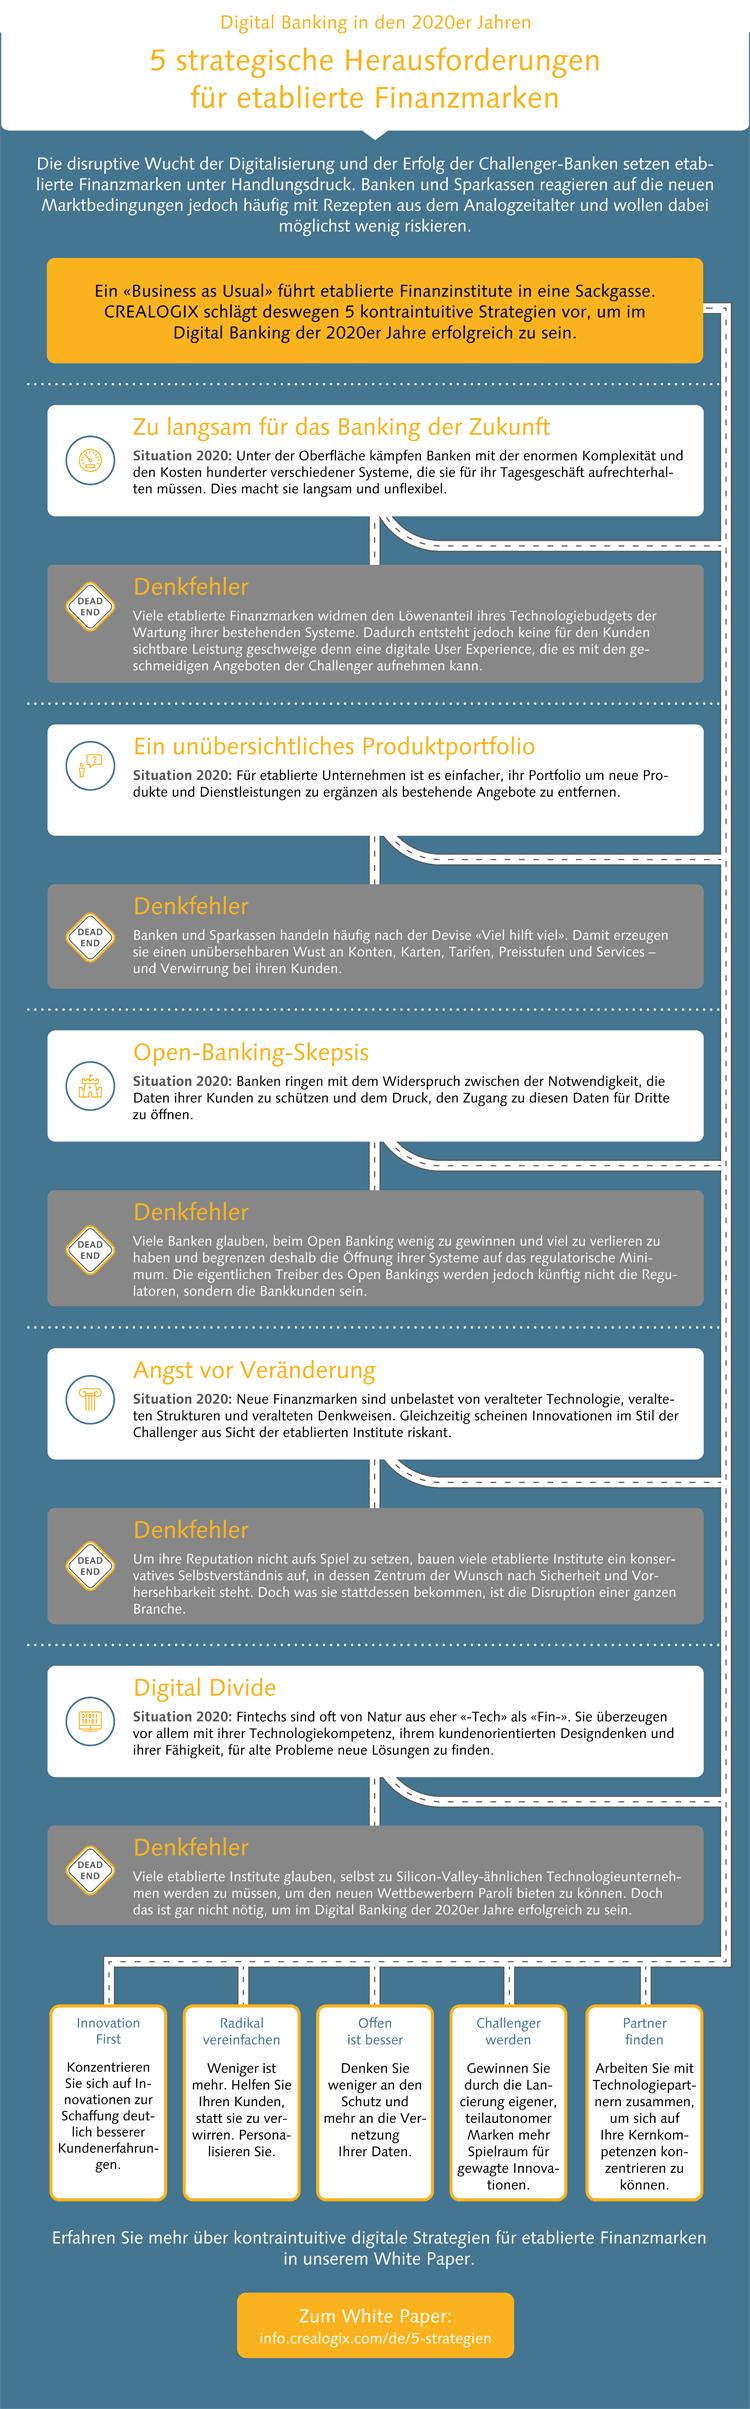 Infografik: 5 strategische Herausforderungen für etablierte Finanzmarken